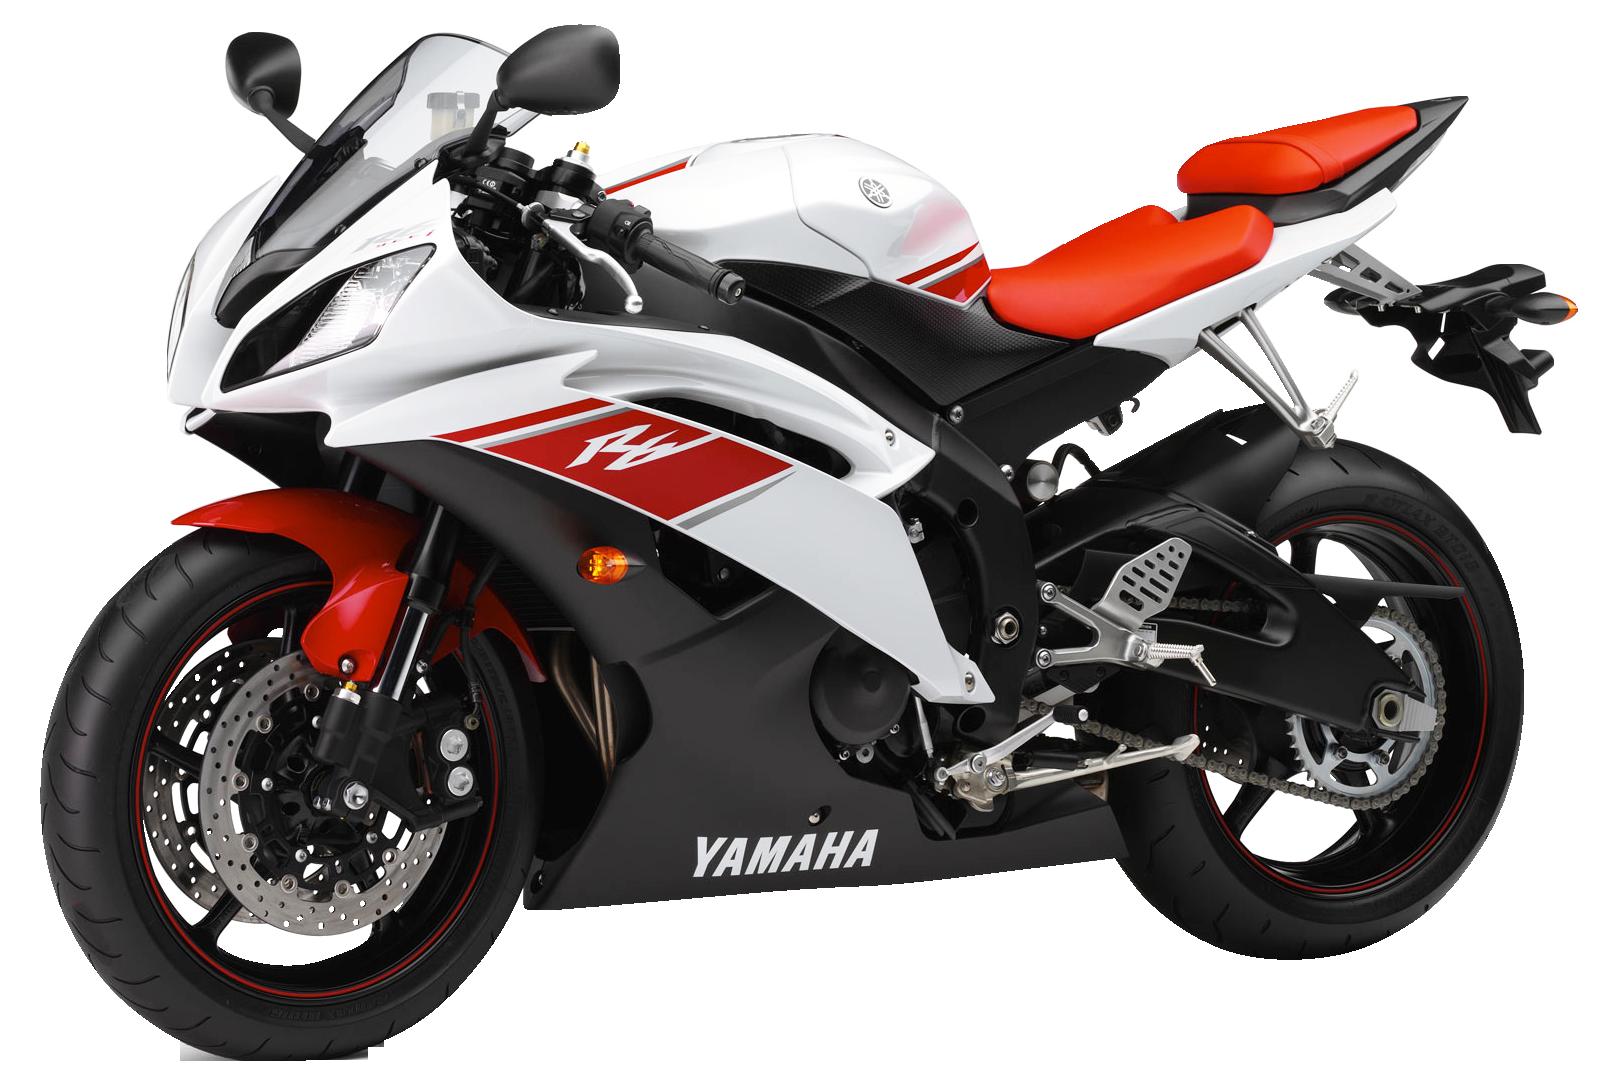 Yamaha FZS PNG Image